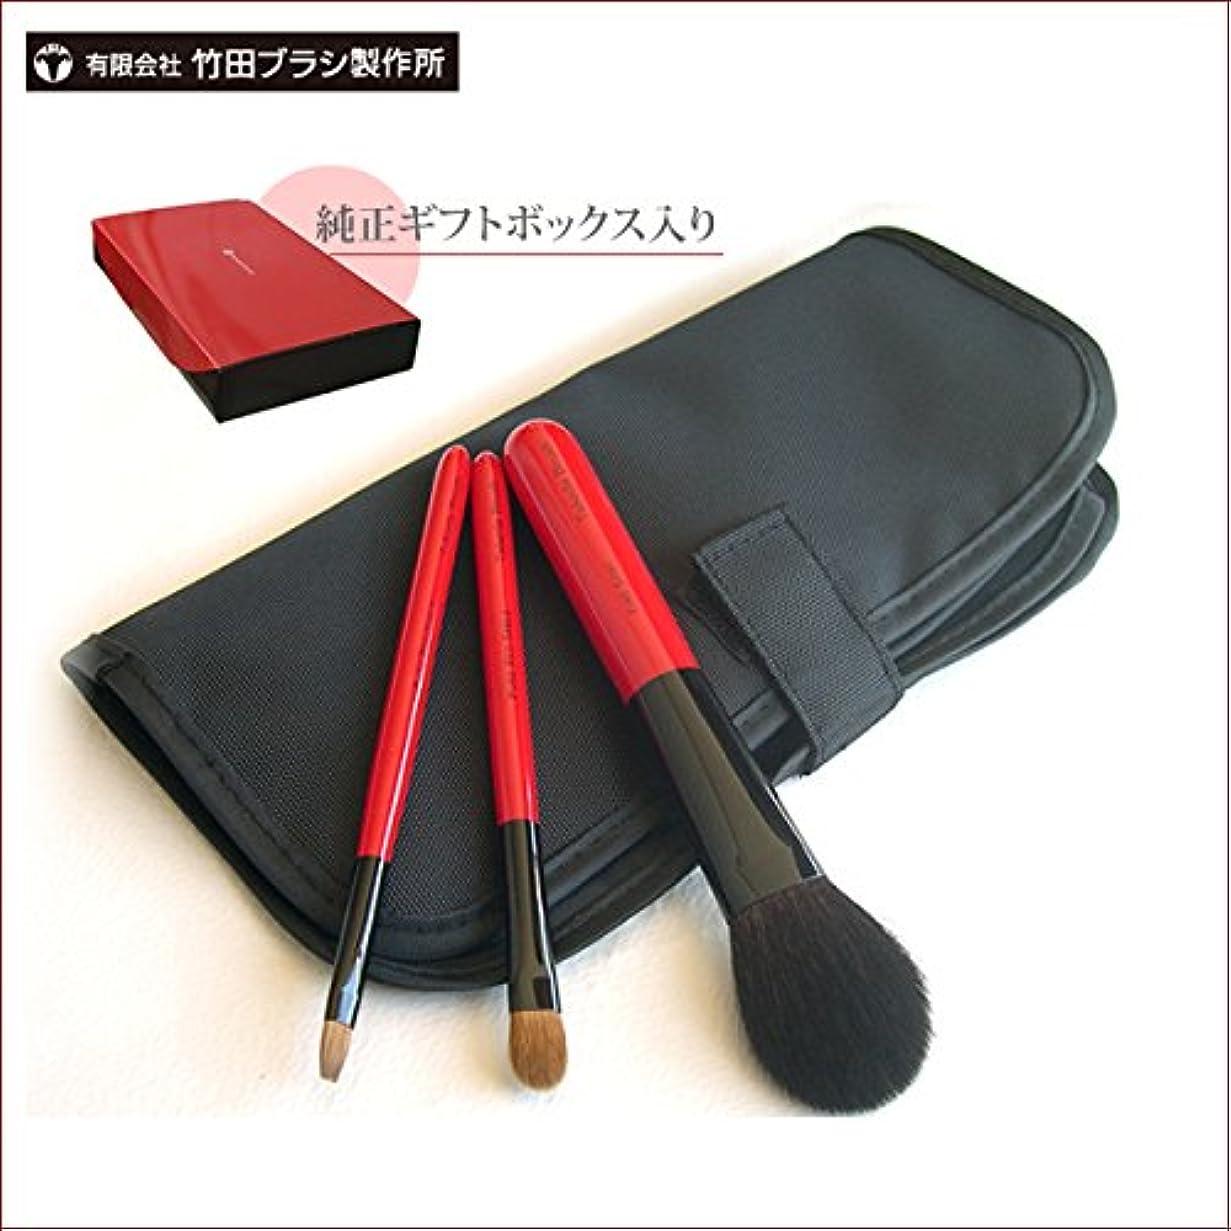 微生物可決答え有限会社竹田ブラシ製作所の熊野化粧筆 特別3本セット (純正ギフトボックス入り)